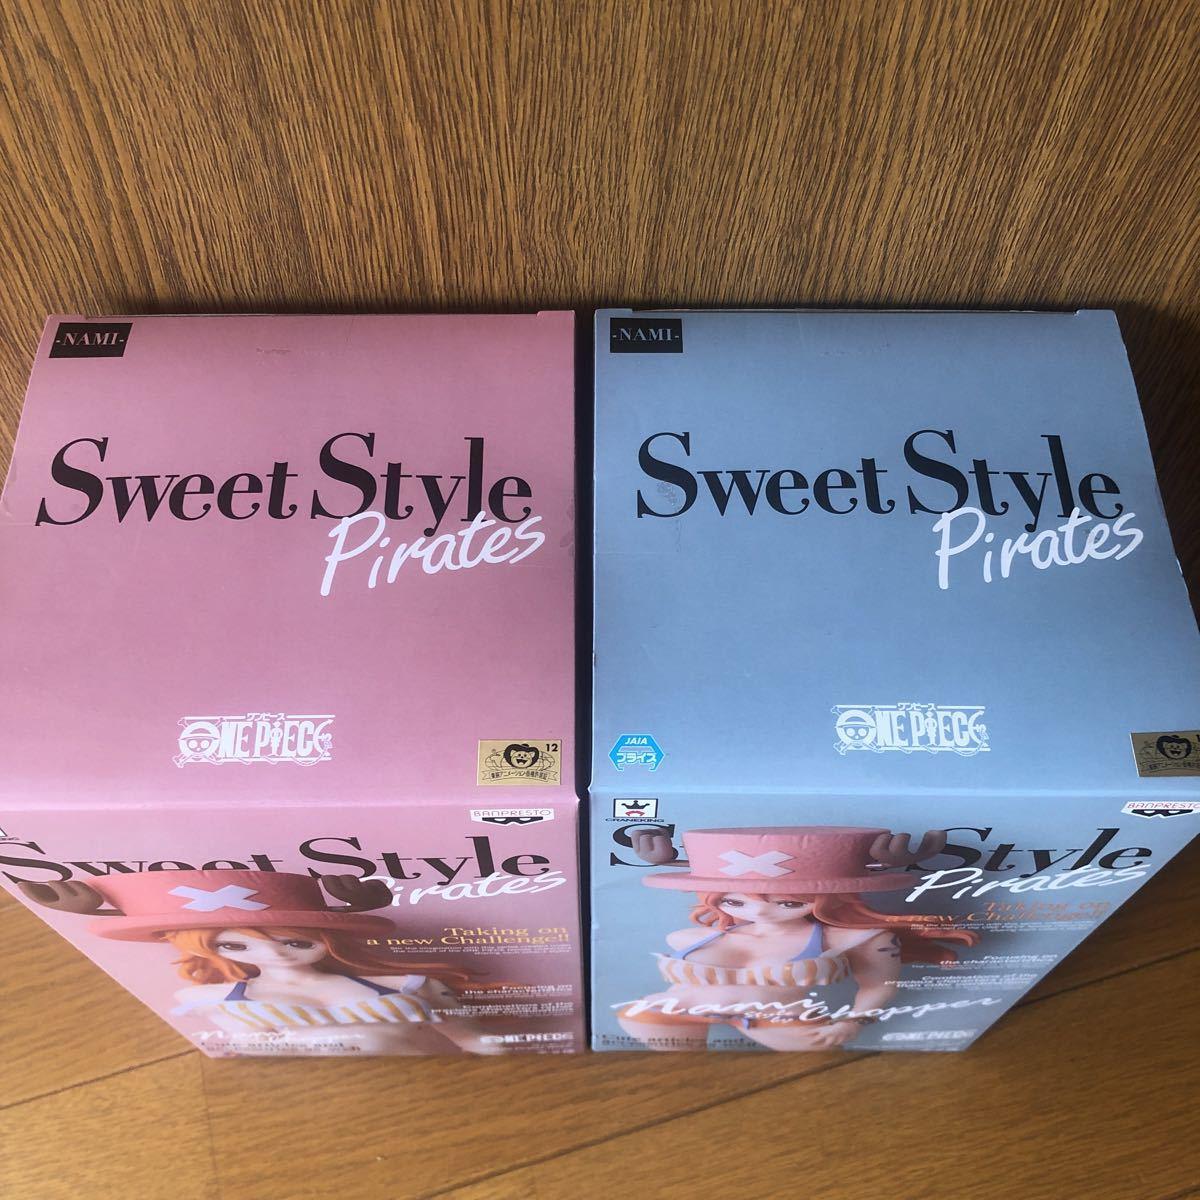 新品未開封!ワンピース Sweet Style Pirates  NAMI Aカラー Bカラー  ナミ フィギュア 2種 セット  スイートスタイルパイレーツ_画像2